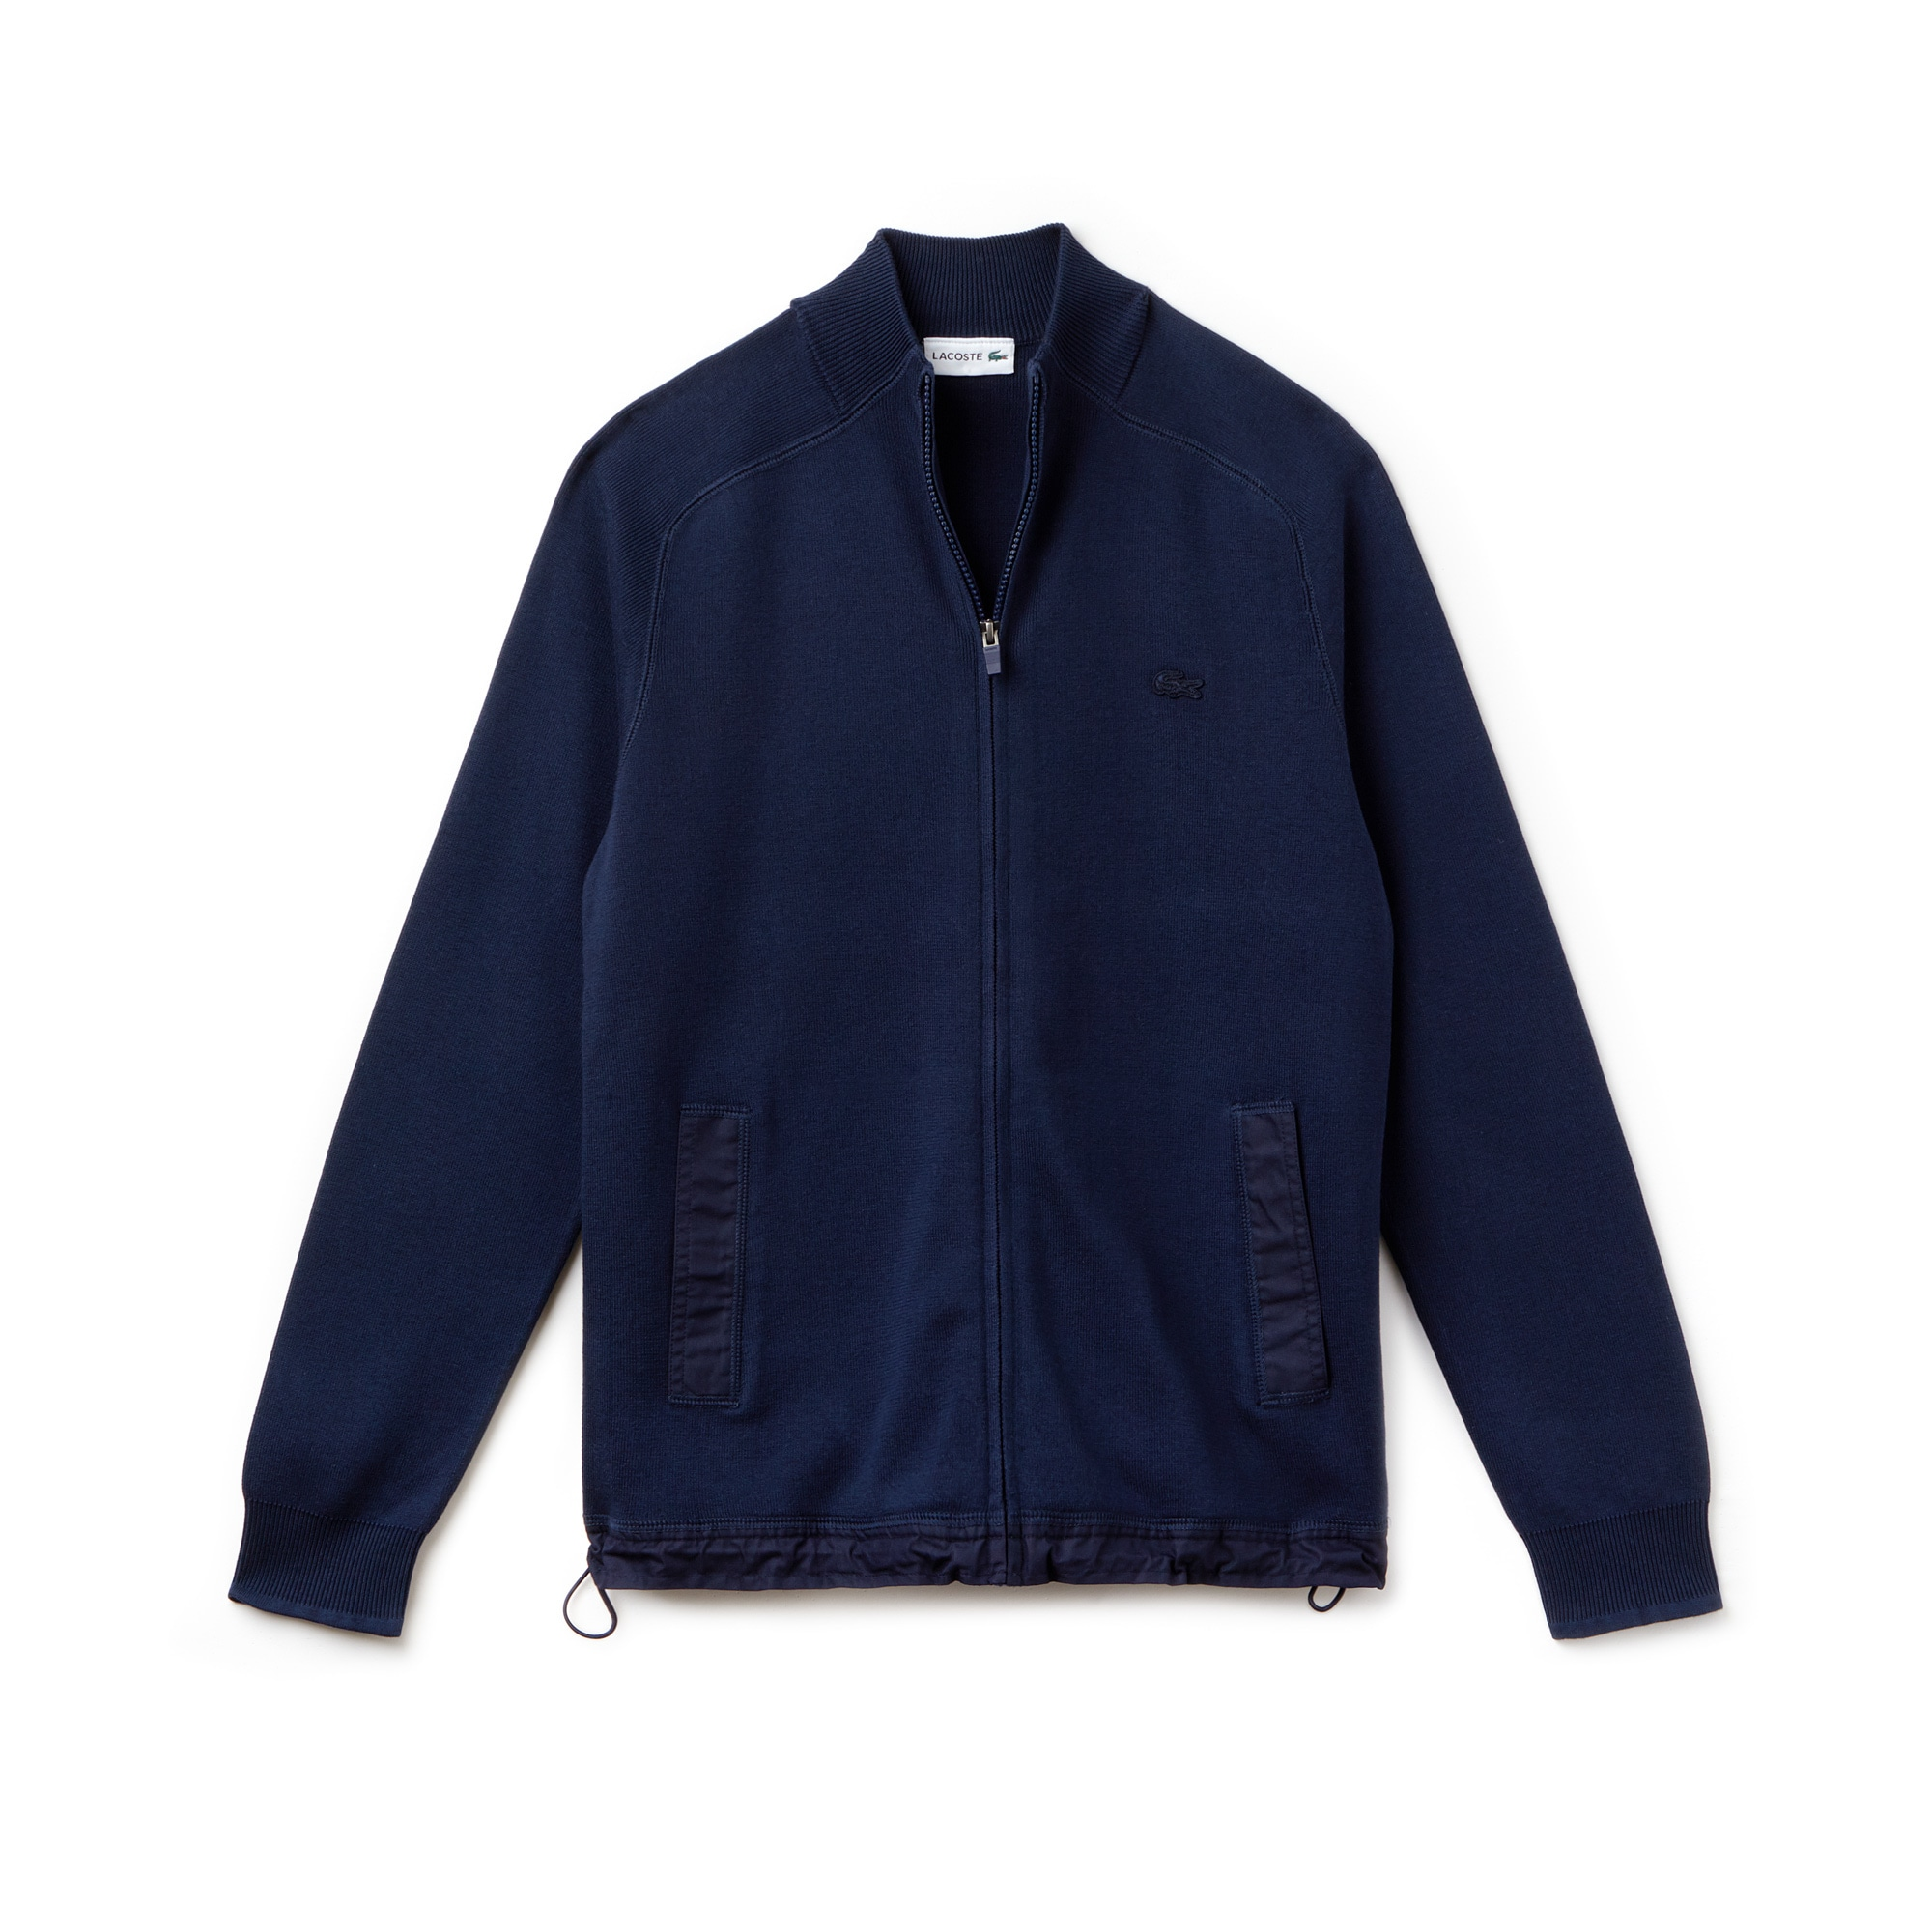 Pullover in cotone a costine con zip e collo a listino dotato di dettagli a contrasto